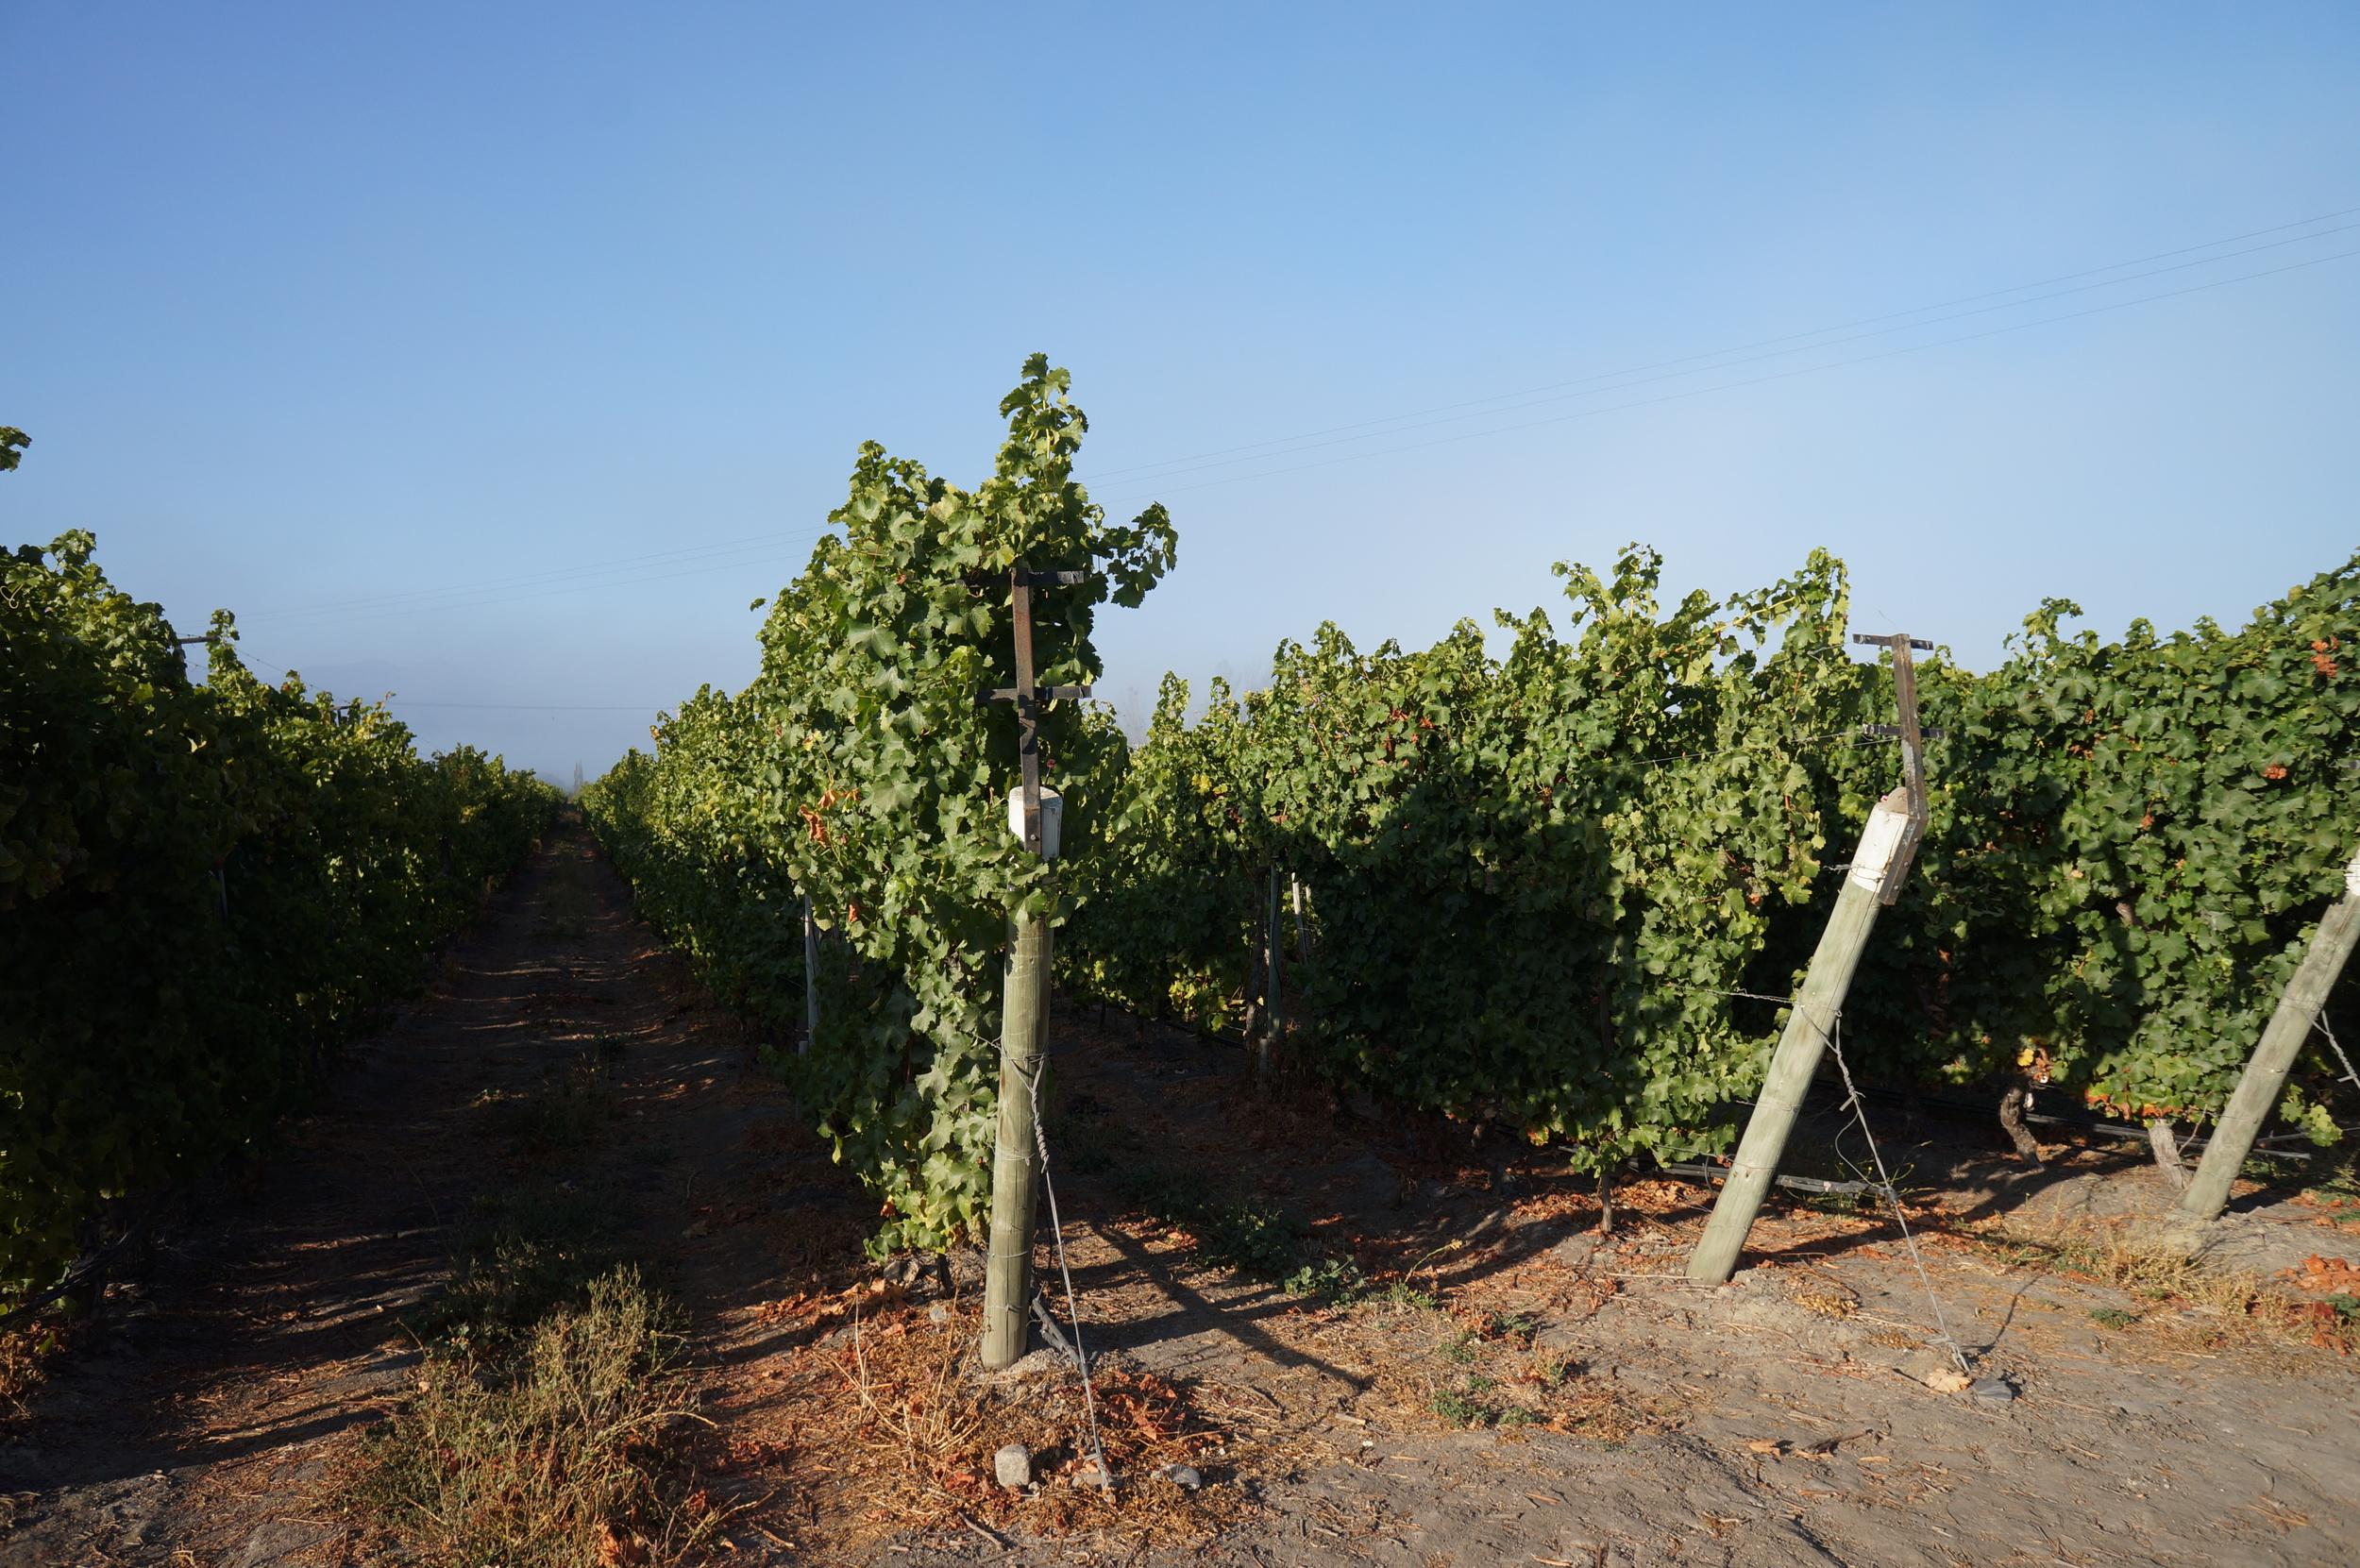 Los viñedos de William Cole en el valle de Casablanca.